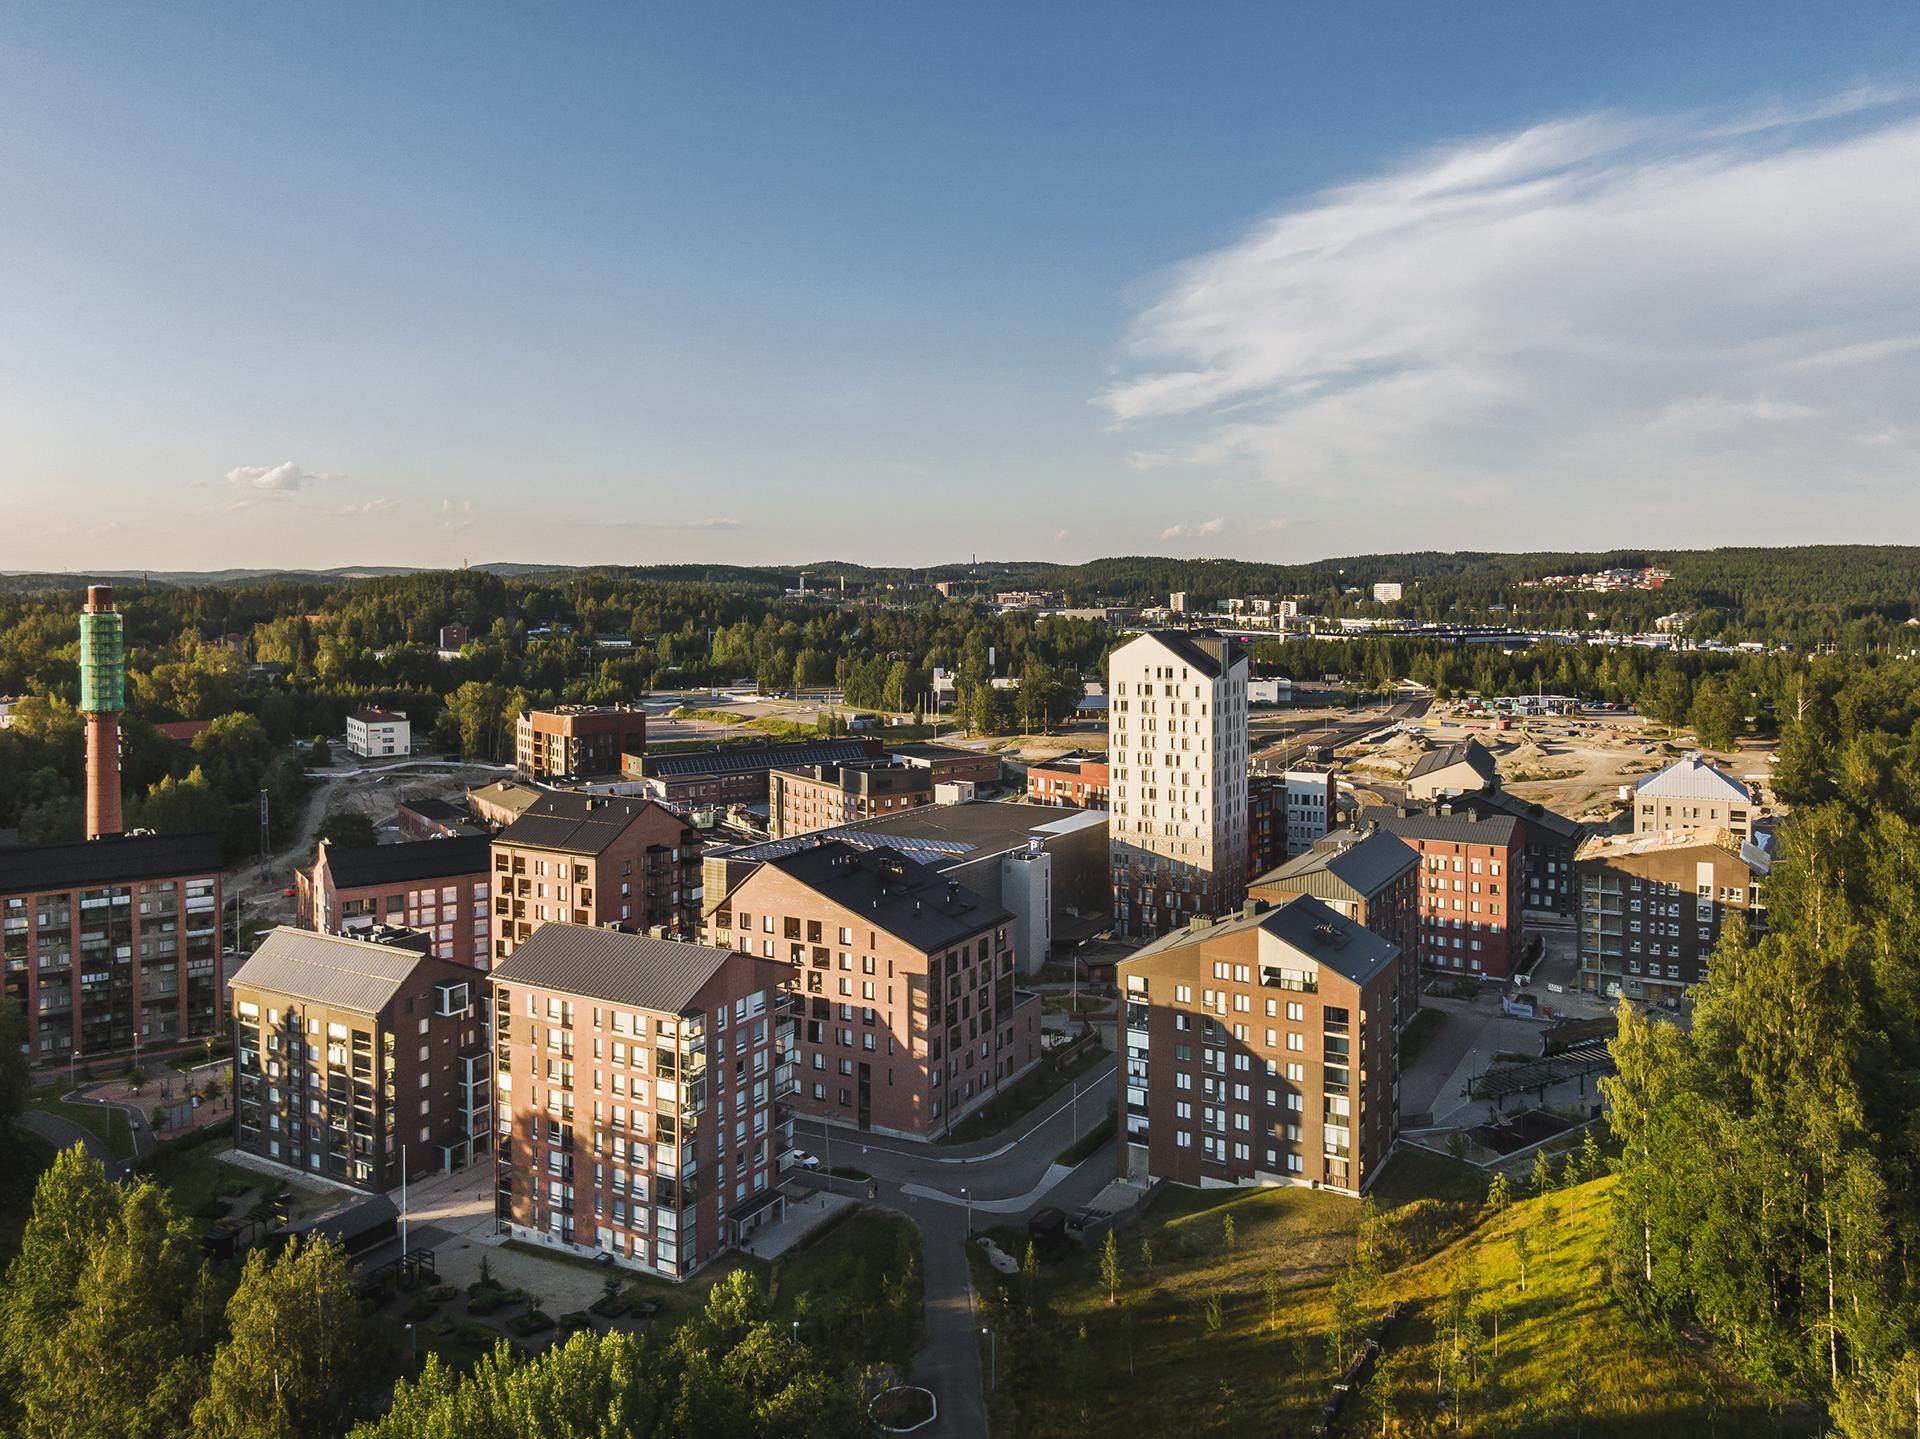 Jyväskylän Pergamenttitorin yleiskuva alueelta ilmasta käsin kuvattuna